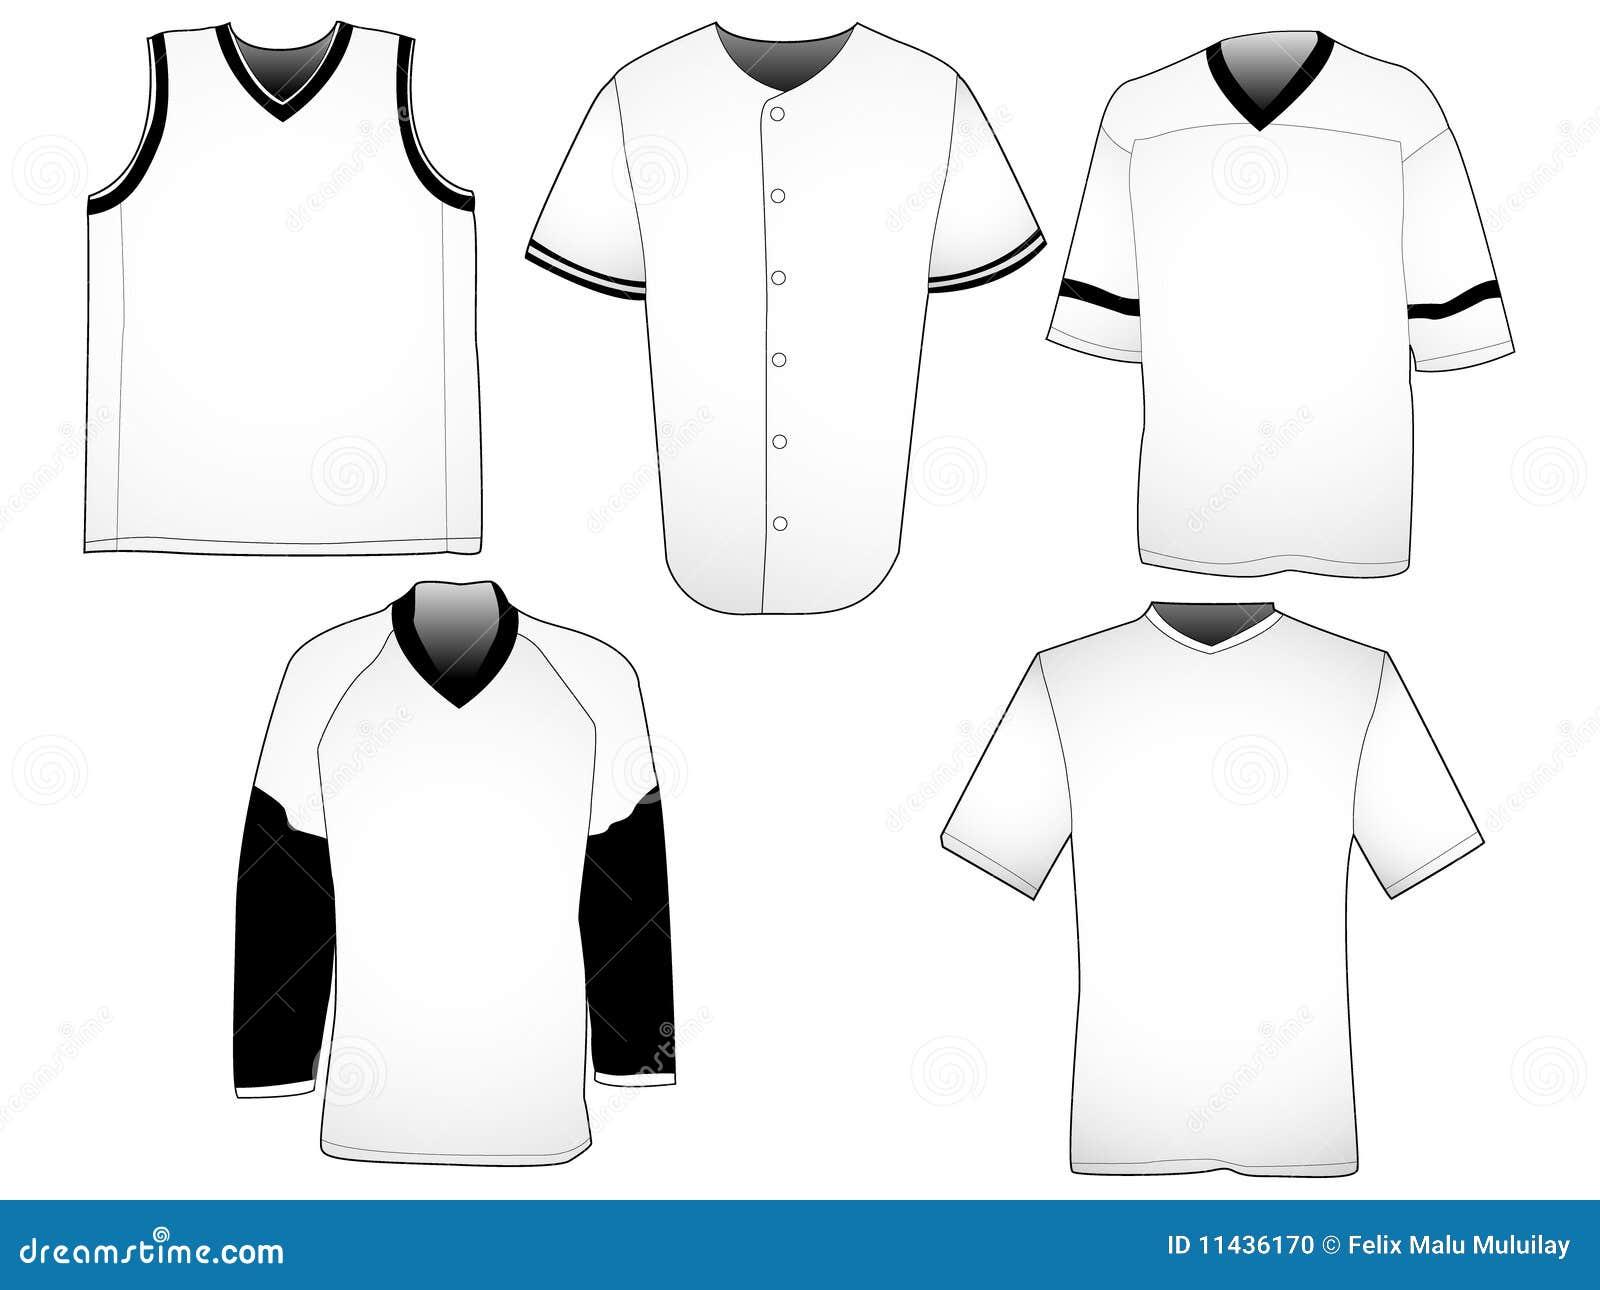 Sport jerseys templates stock vector. Illustration of blank - 11436170